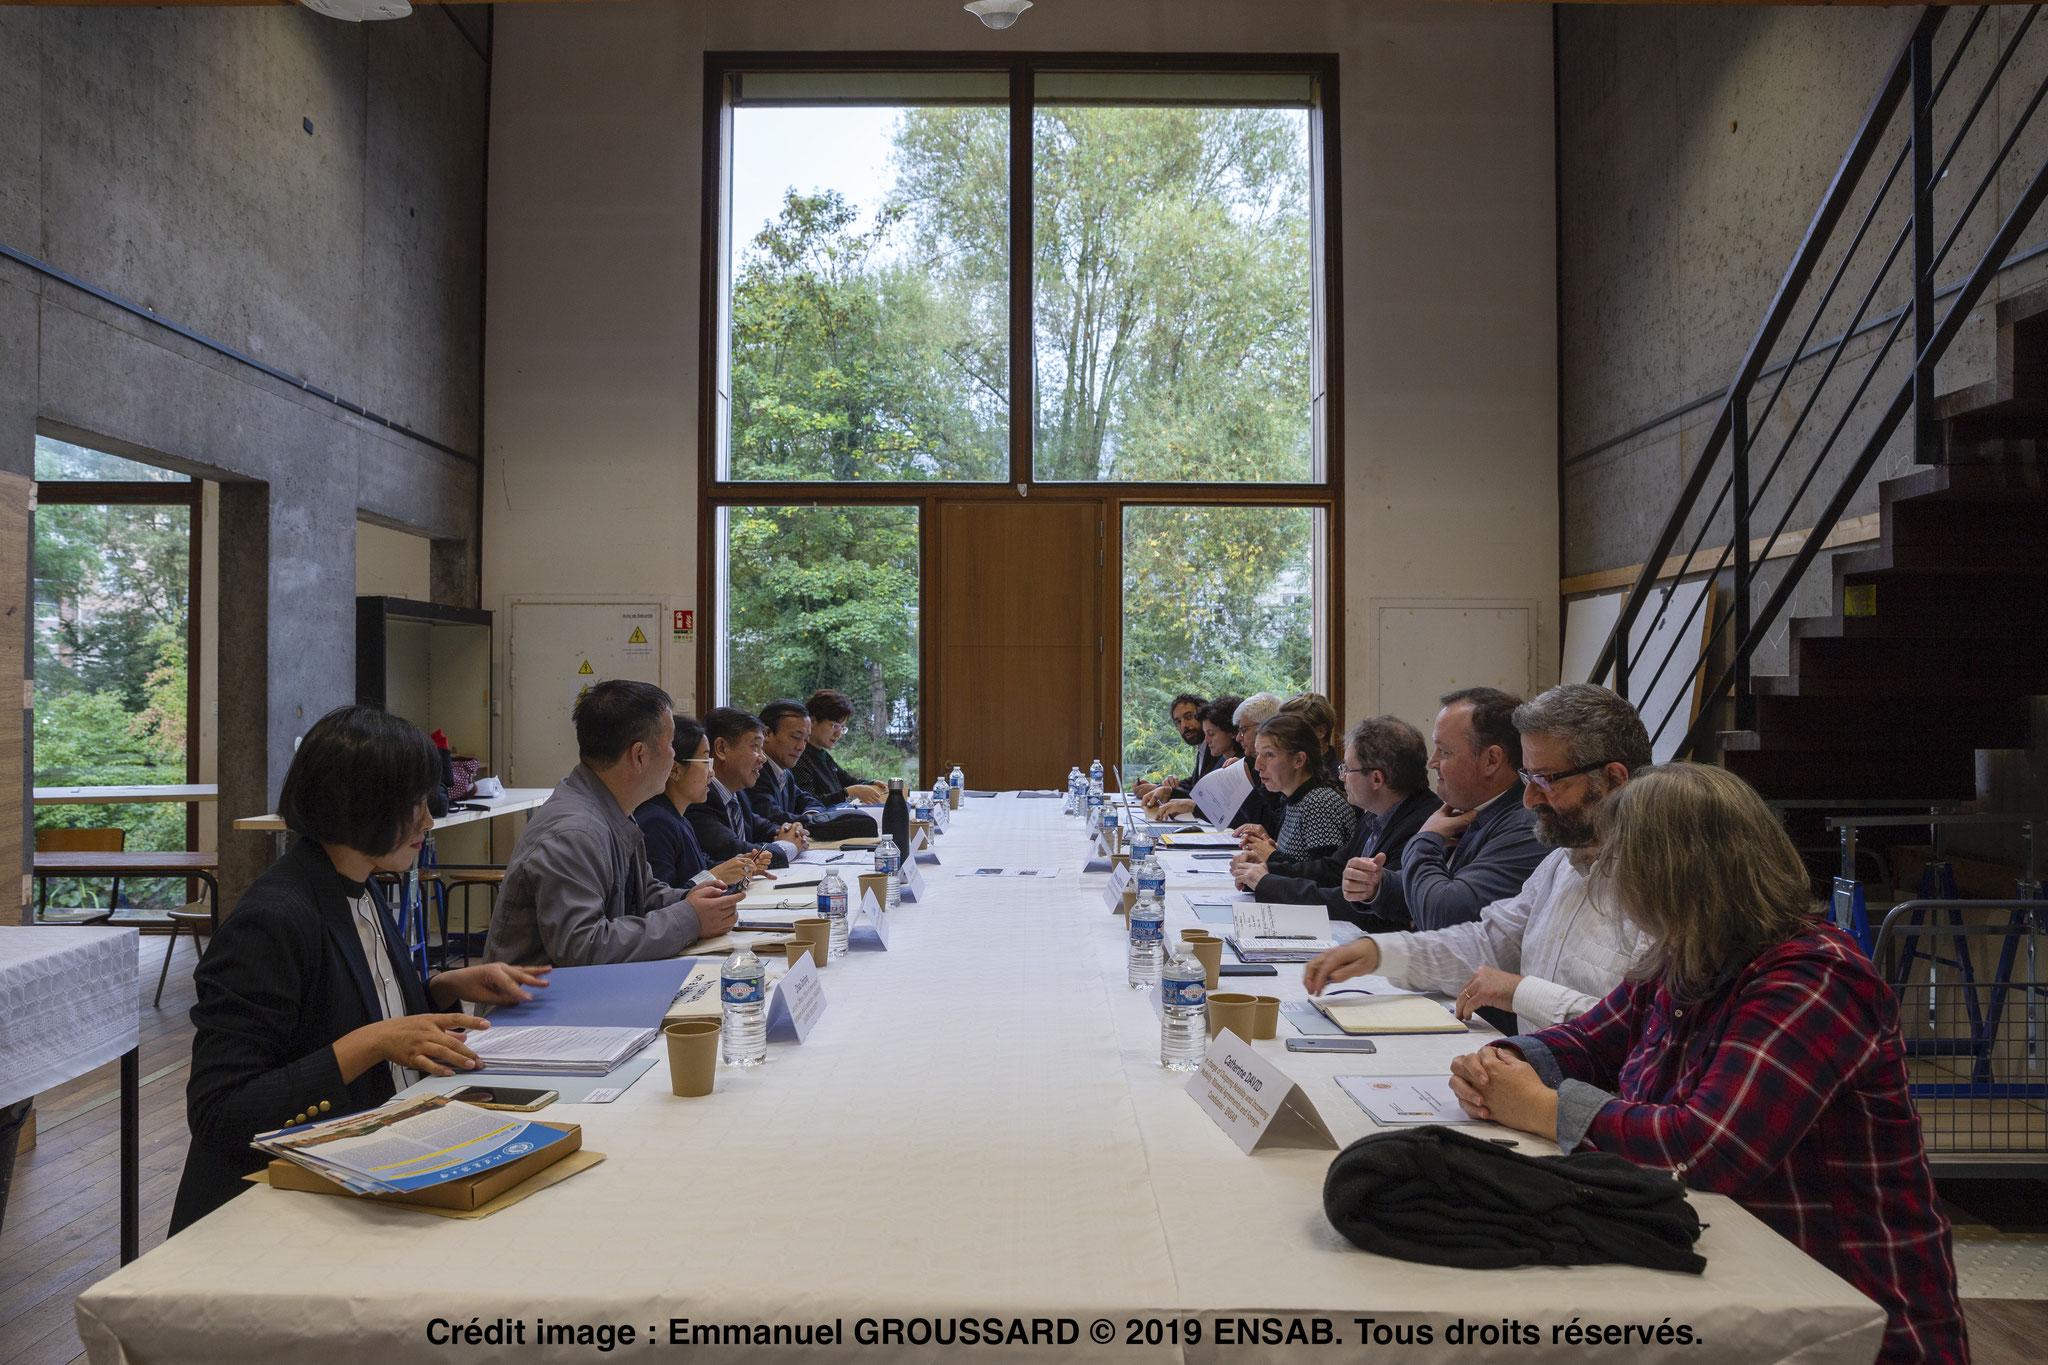 法国布列塔尼国立高等建筑大学接待山东建筑大学代表团